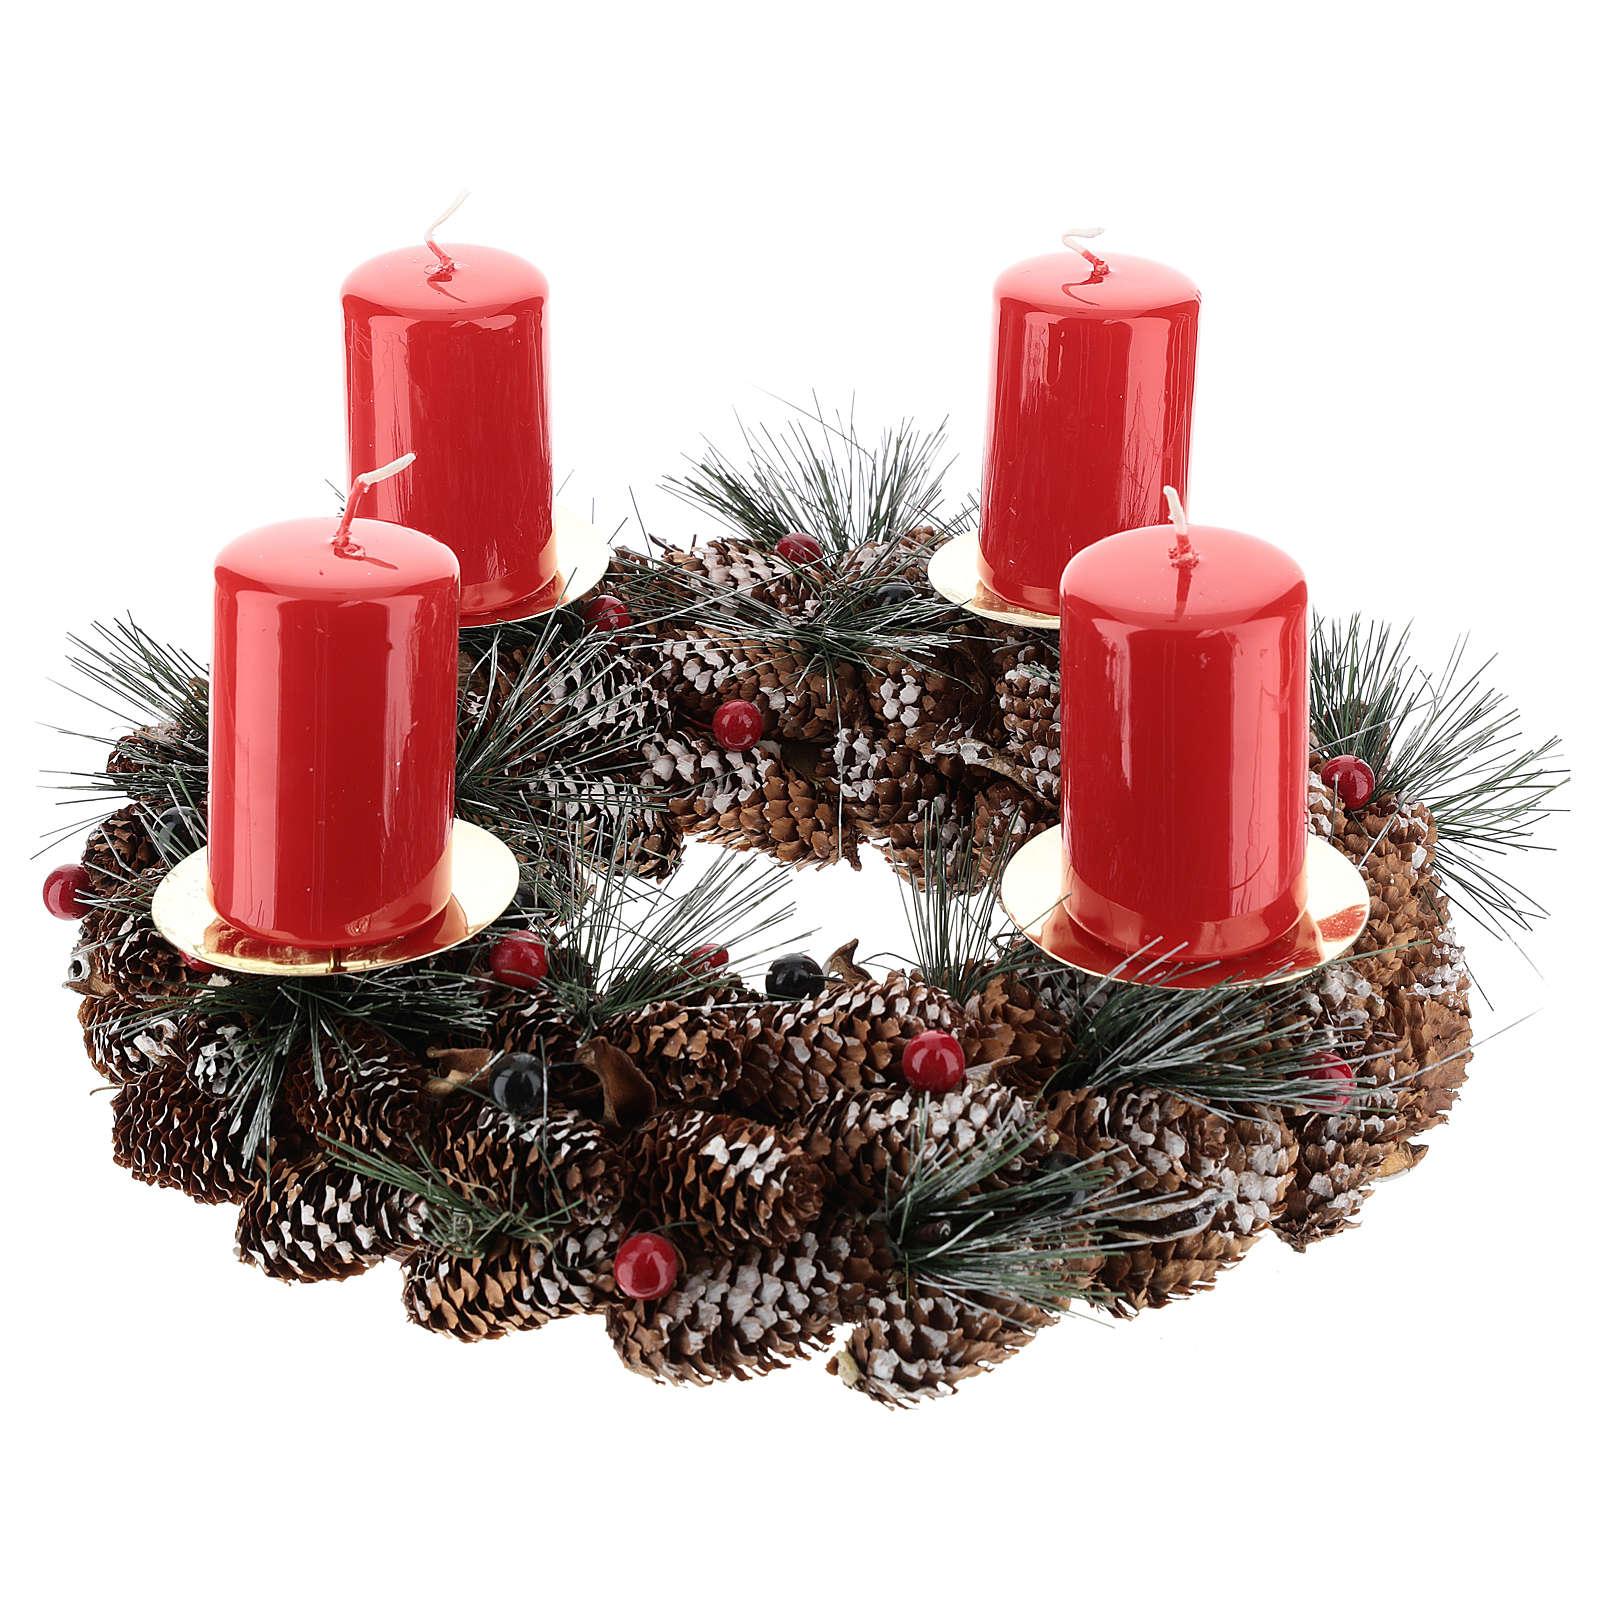 Kit avvento corona con pigne punzoni oro e 4 candelotti rossi kit completo 3